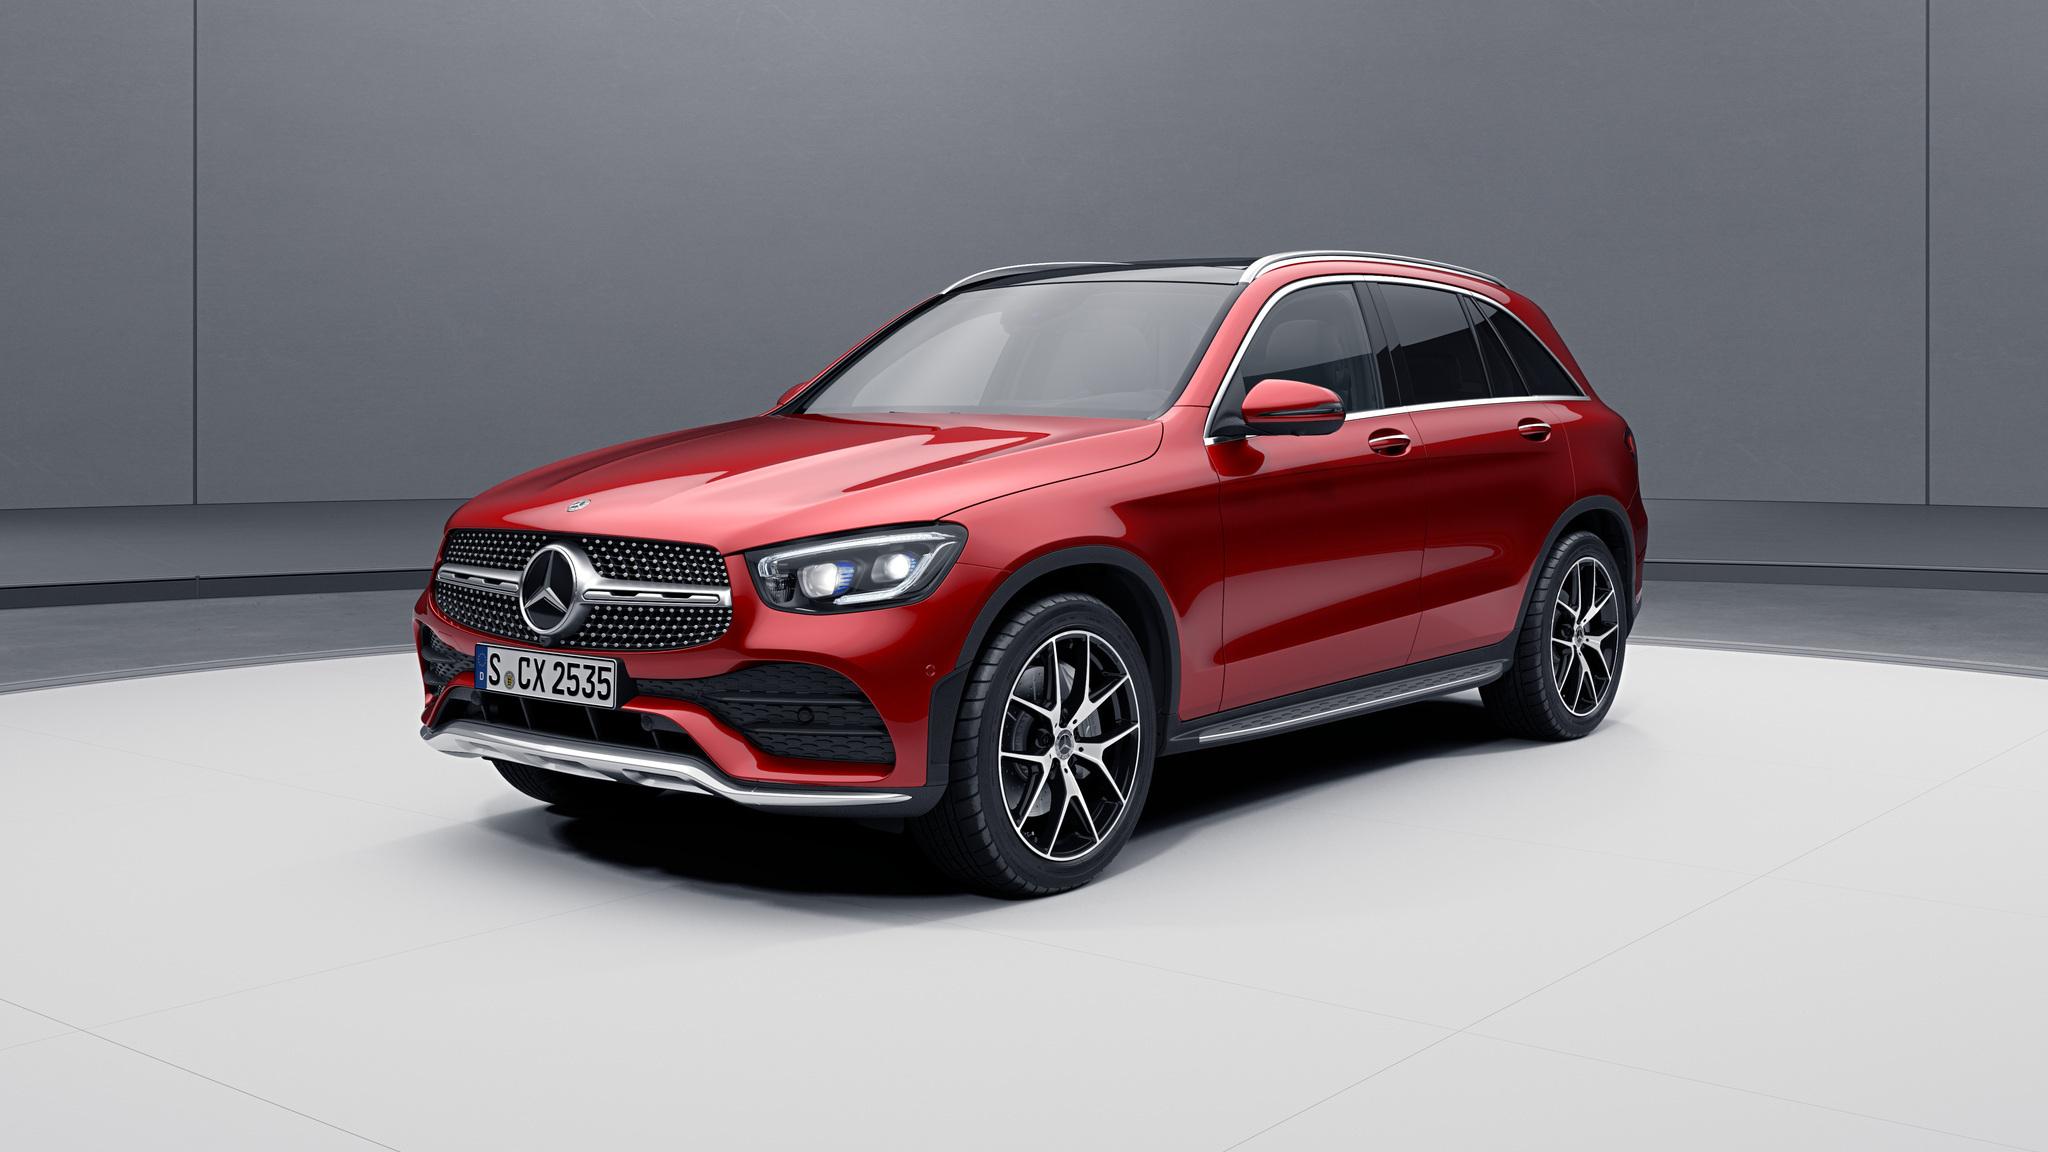 Vue de trois quarts de profil de la Mercedes GLC avec la peinture designo - rouge jacinthe métallisé